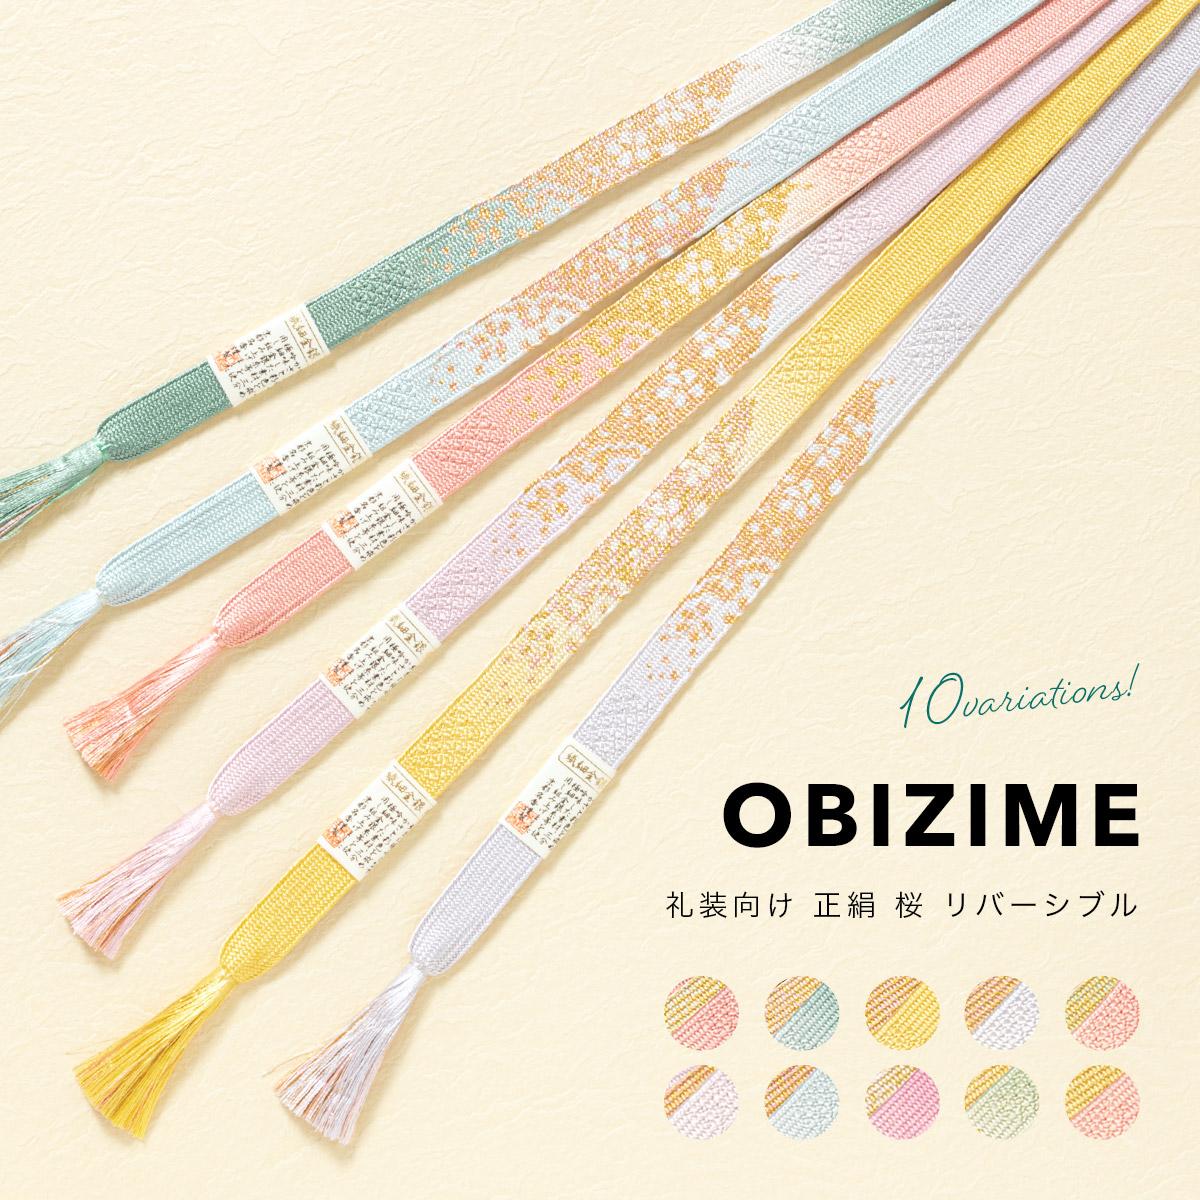 伝統工芸の日本製・正絹の帯締め